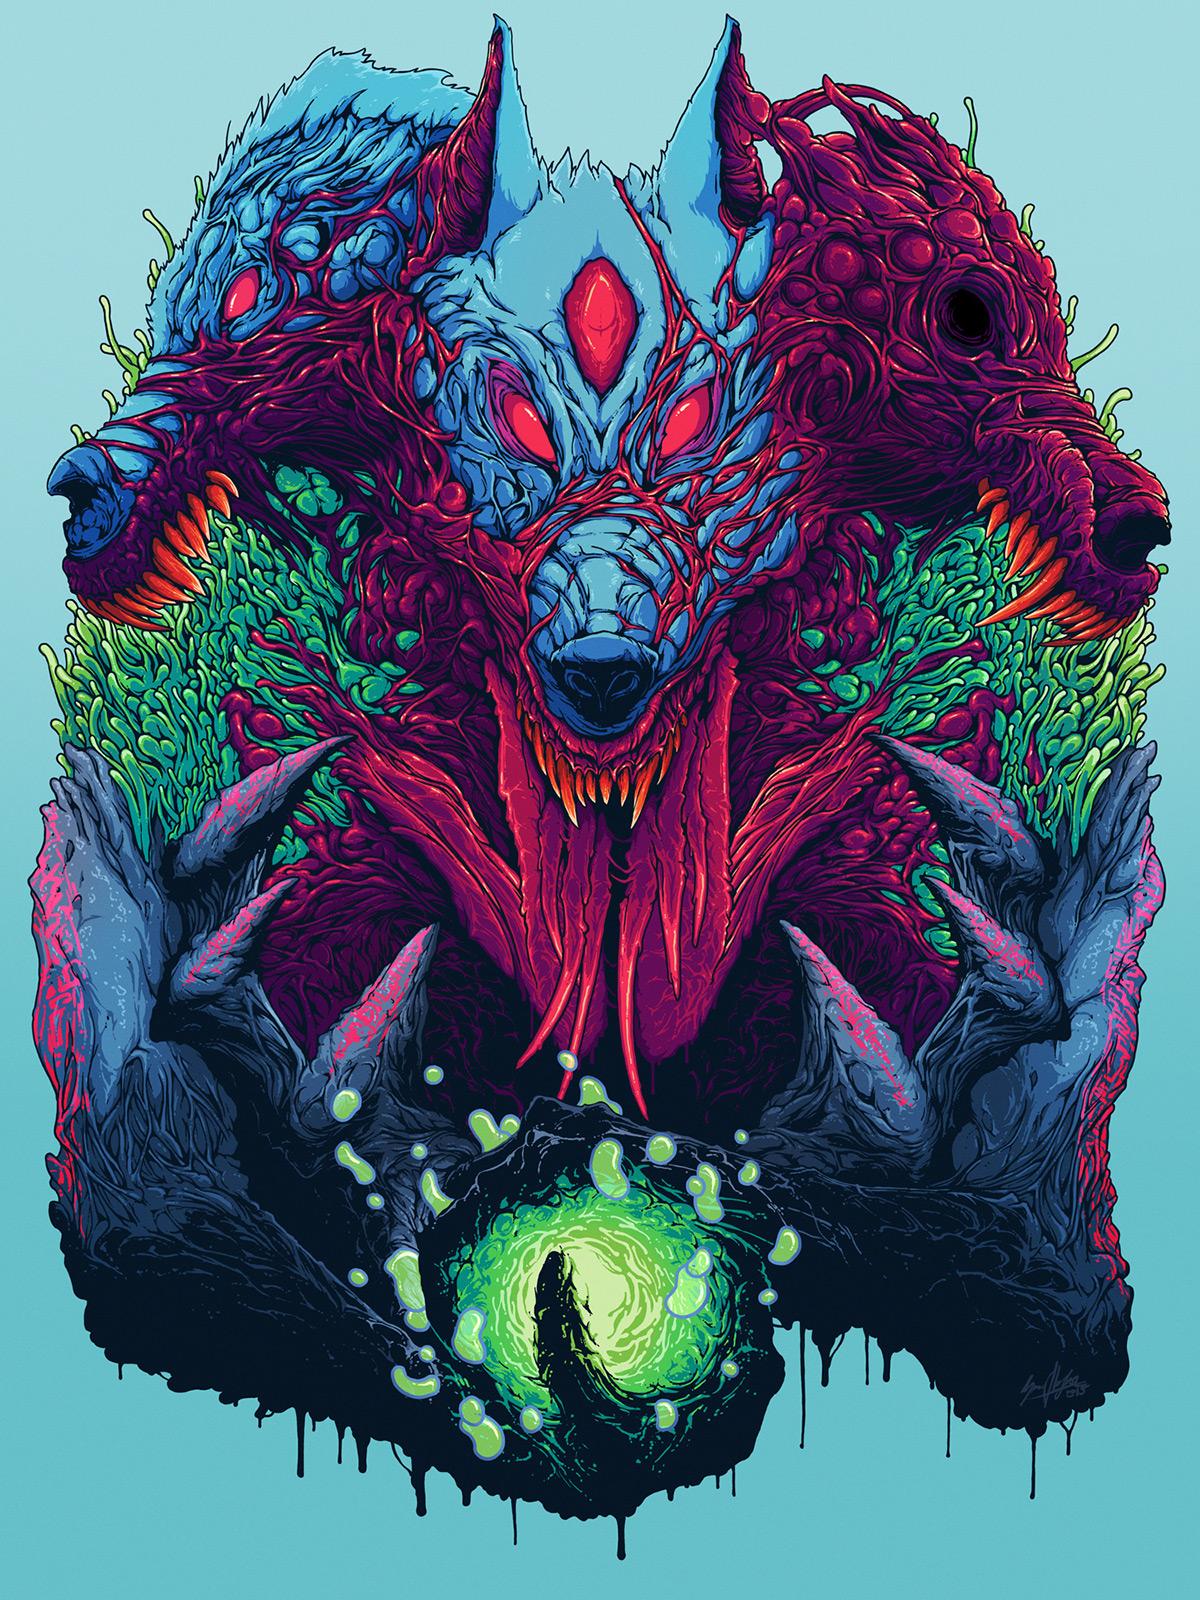 Hyper Beast Wallpaper : iWallpaper